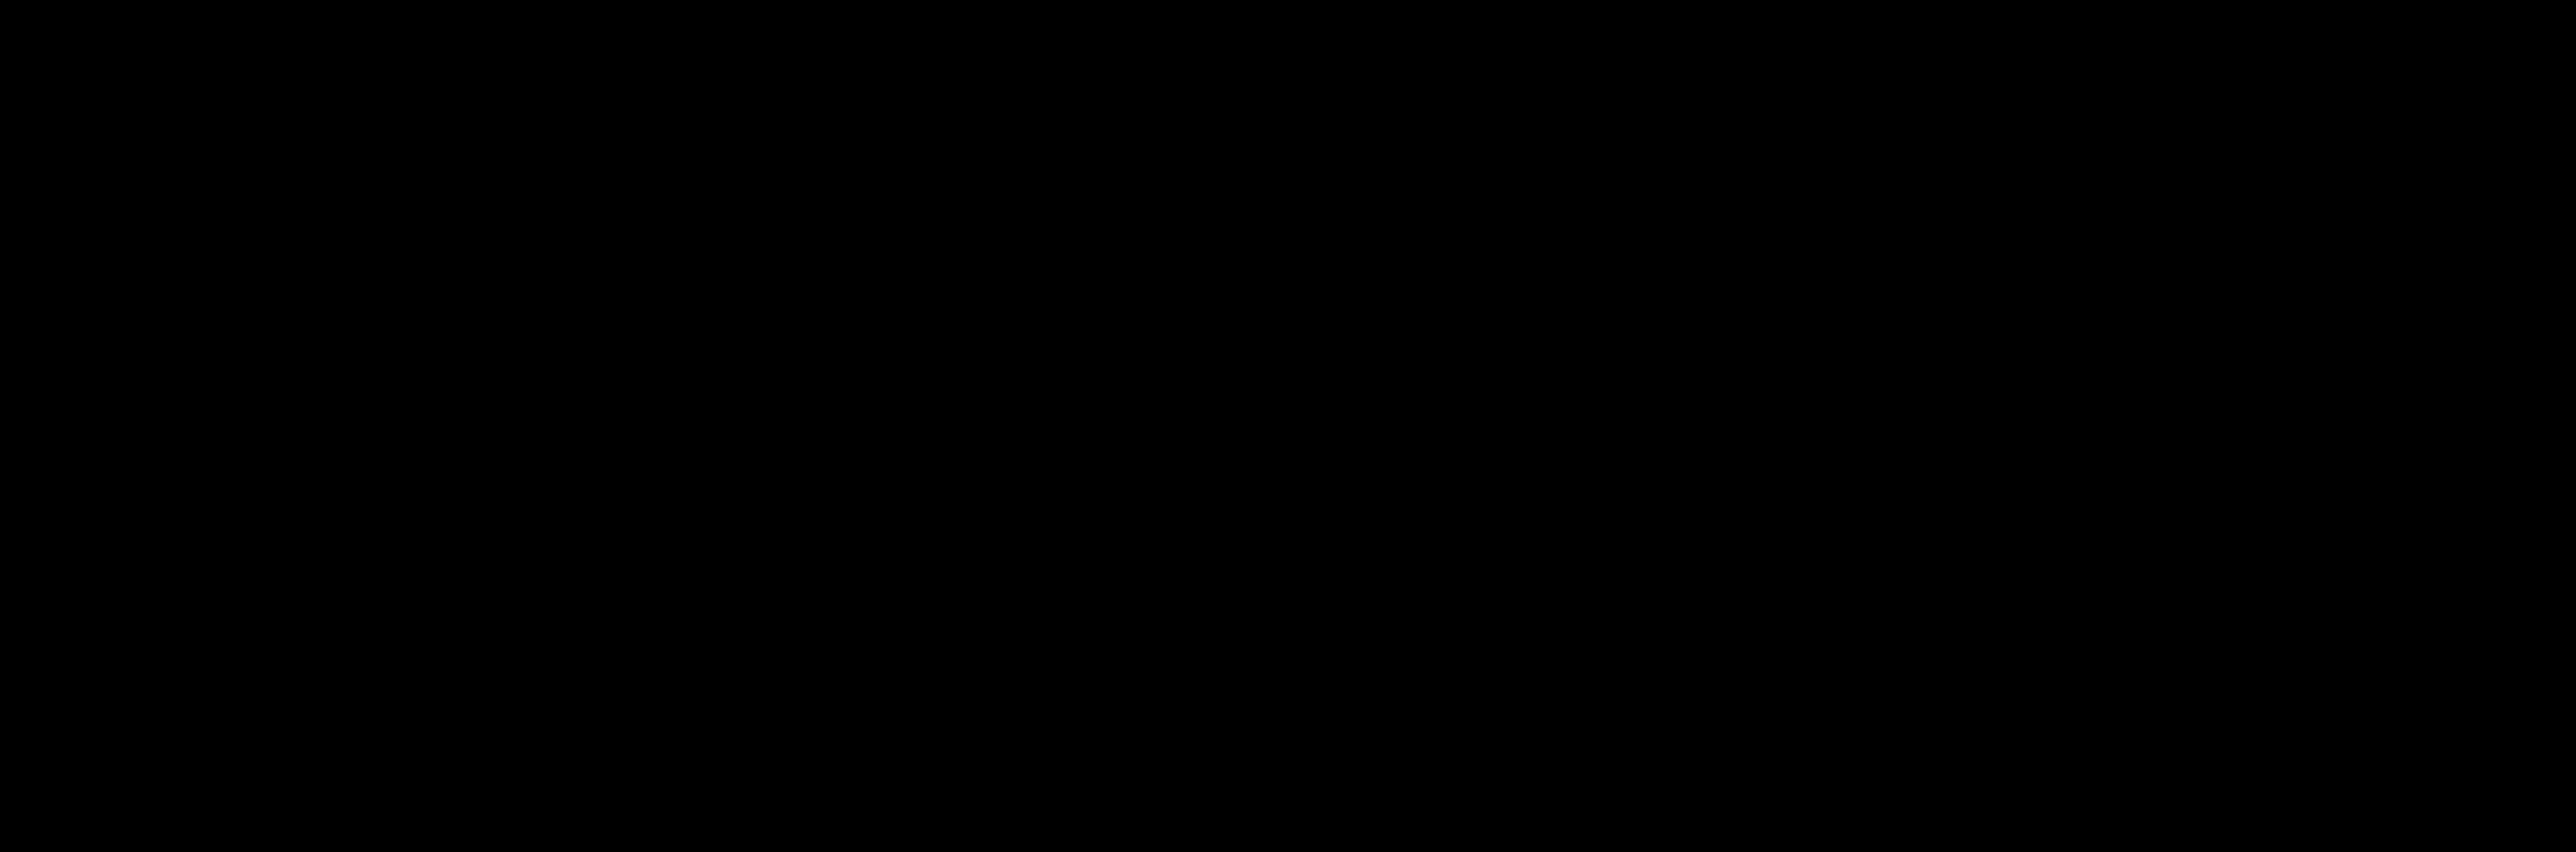 Wiki-Naturwaren-Logo